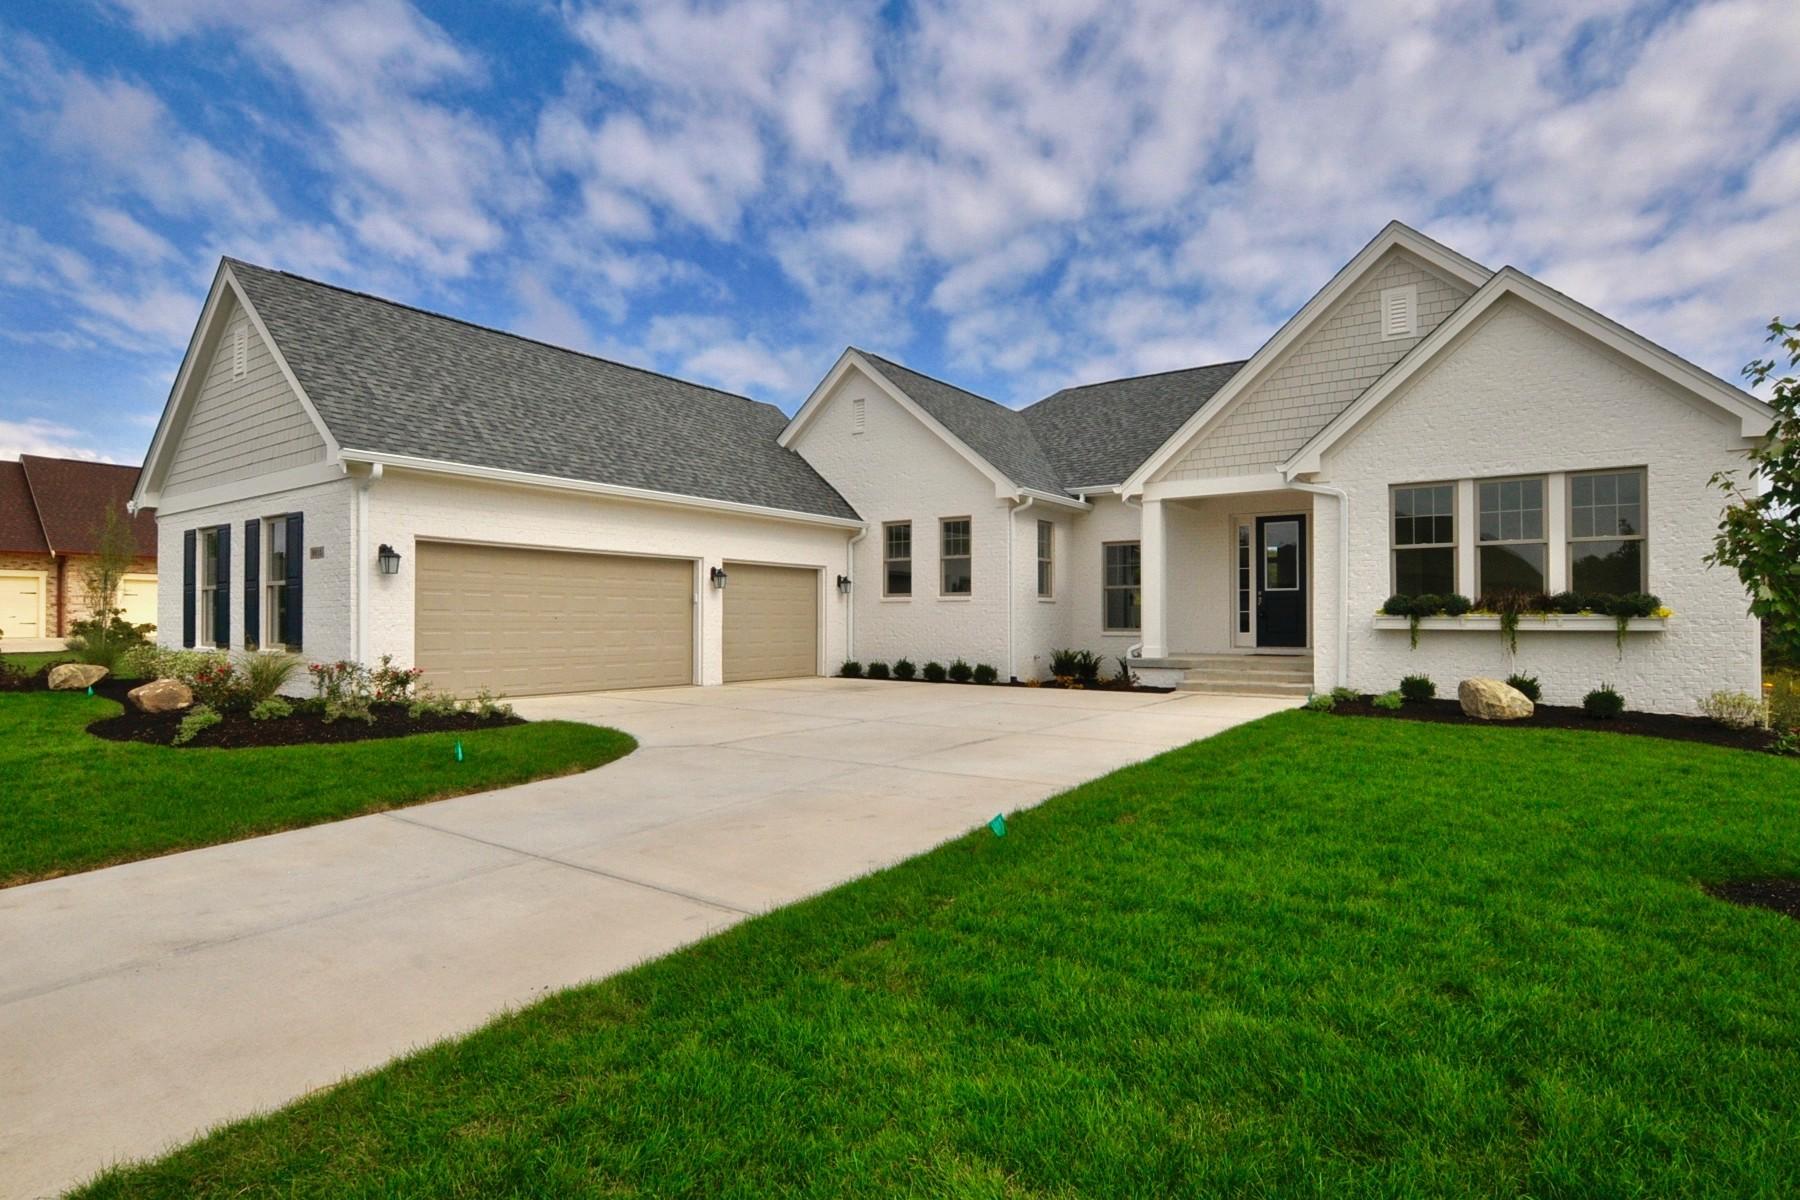 Частный односемейный дом для того Продажа на Top of the Line Finishes 9915 S. Towne Lane Carmel, Индиана 46033 Соединенные Штаты